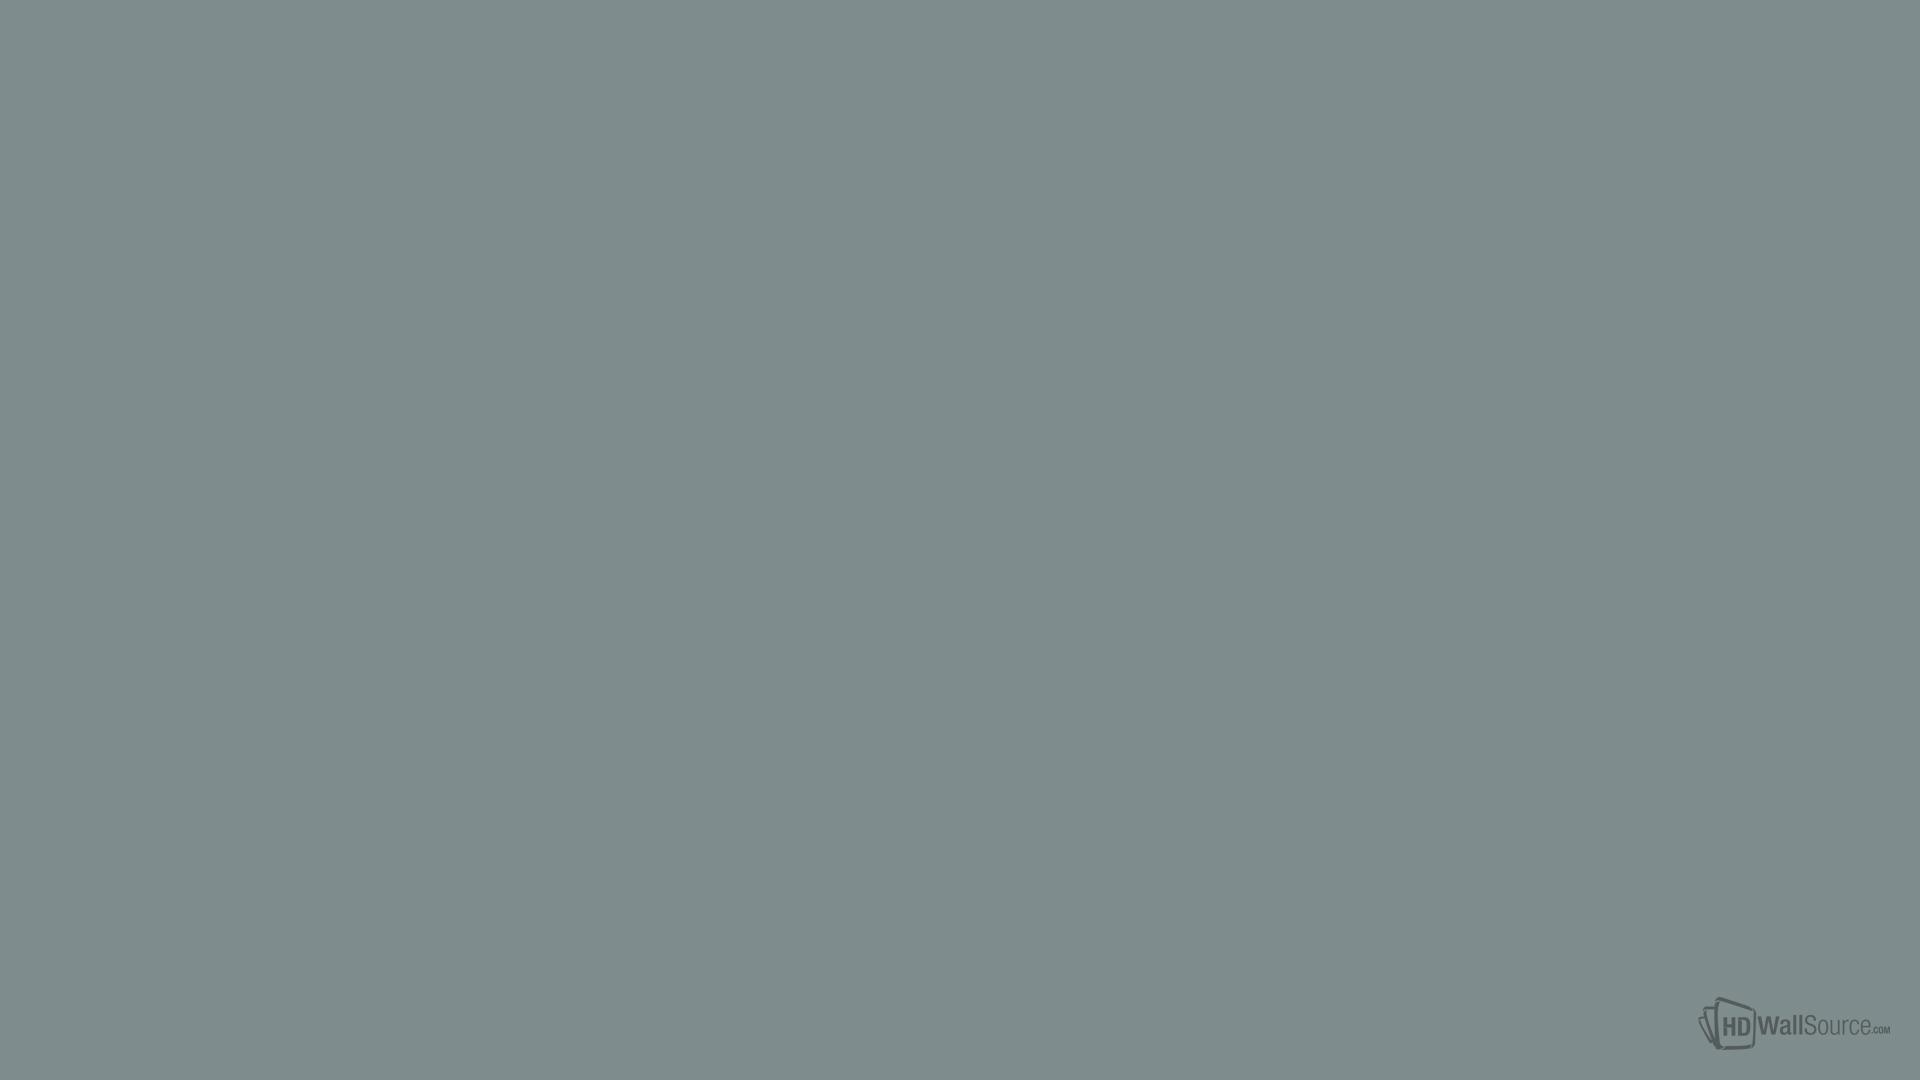 7f8c8d wallpaper 70953